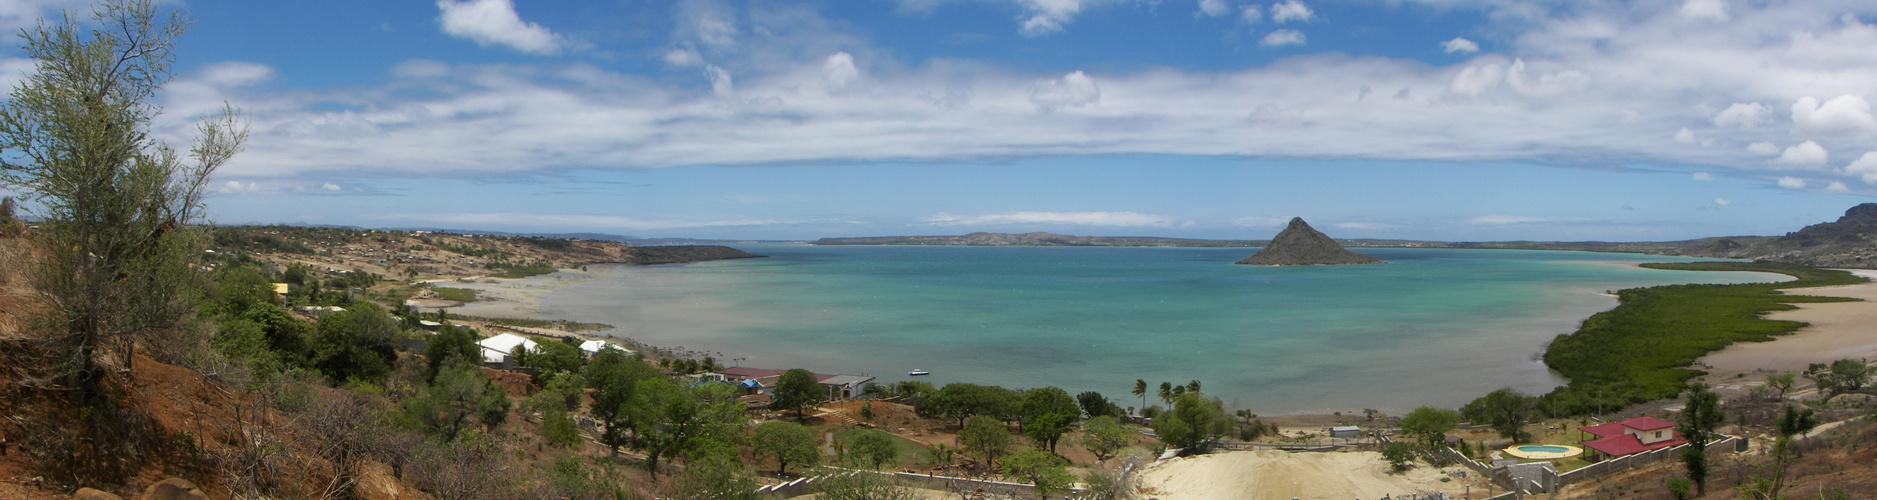 baie d'Antsiranana a Madagascar